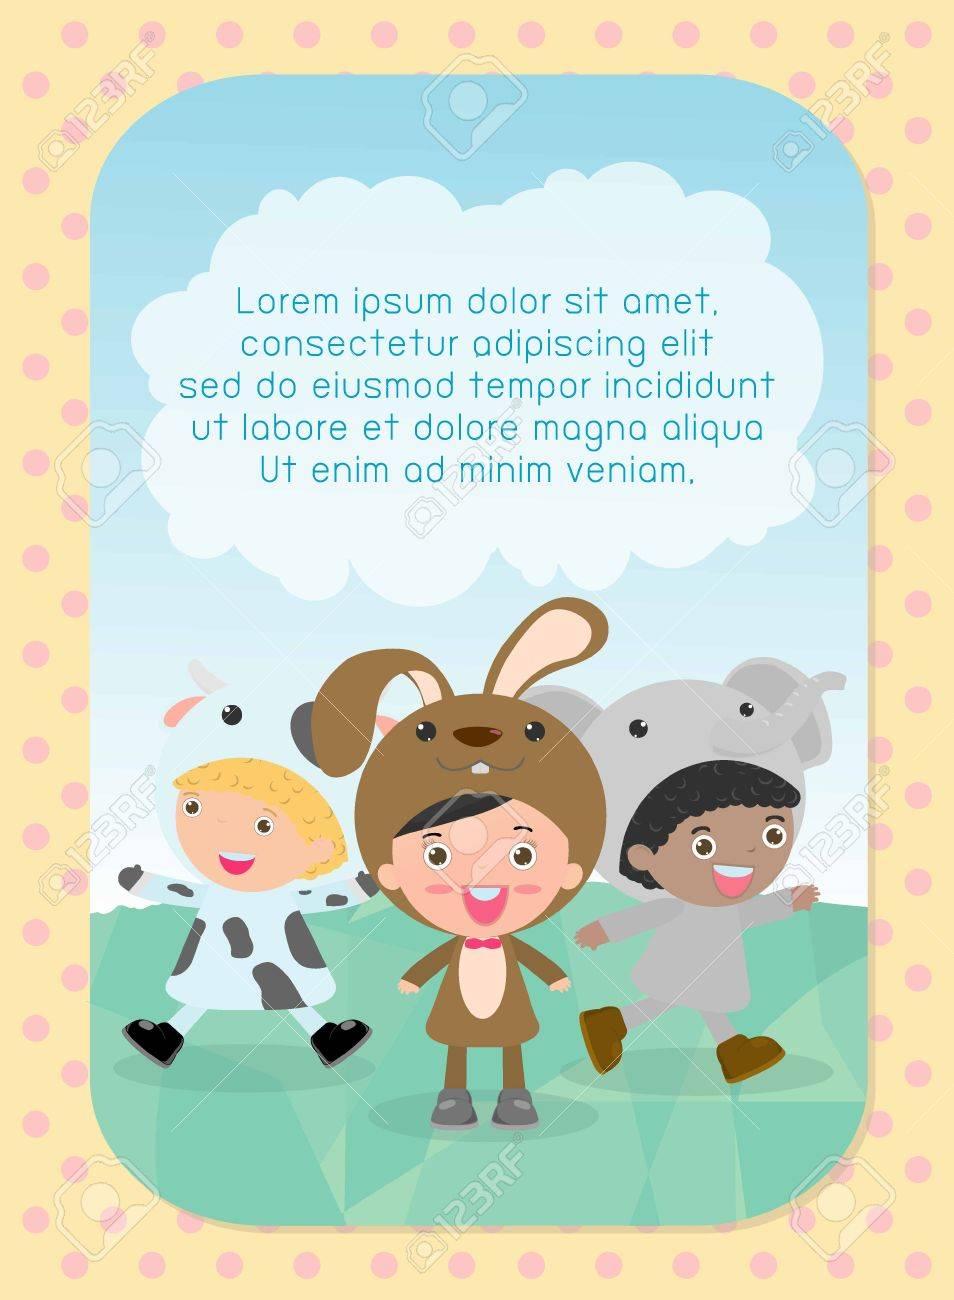 Enfants Mignons Vêtus De Costumes Danimaux Modèle De Brochure Publicitaire Votre Texte Mignon Petits Enfants Avec Des Animaux Costume Les Enfants